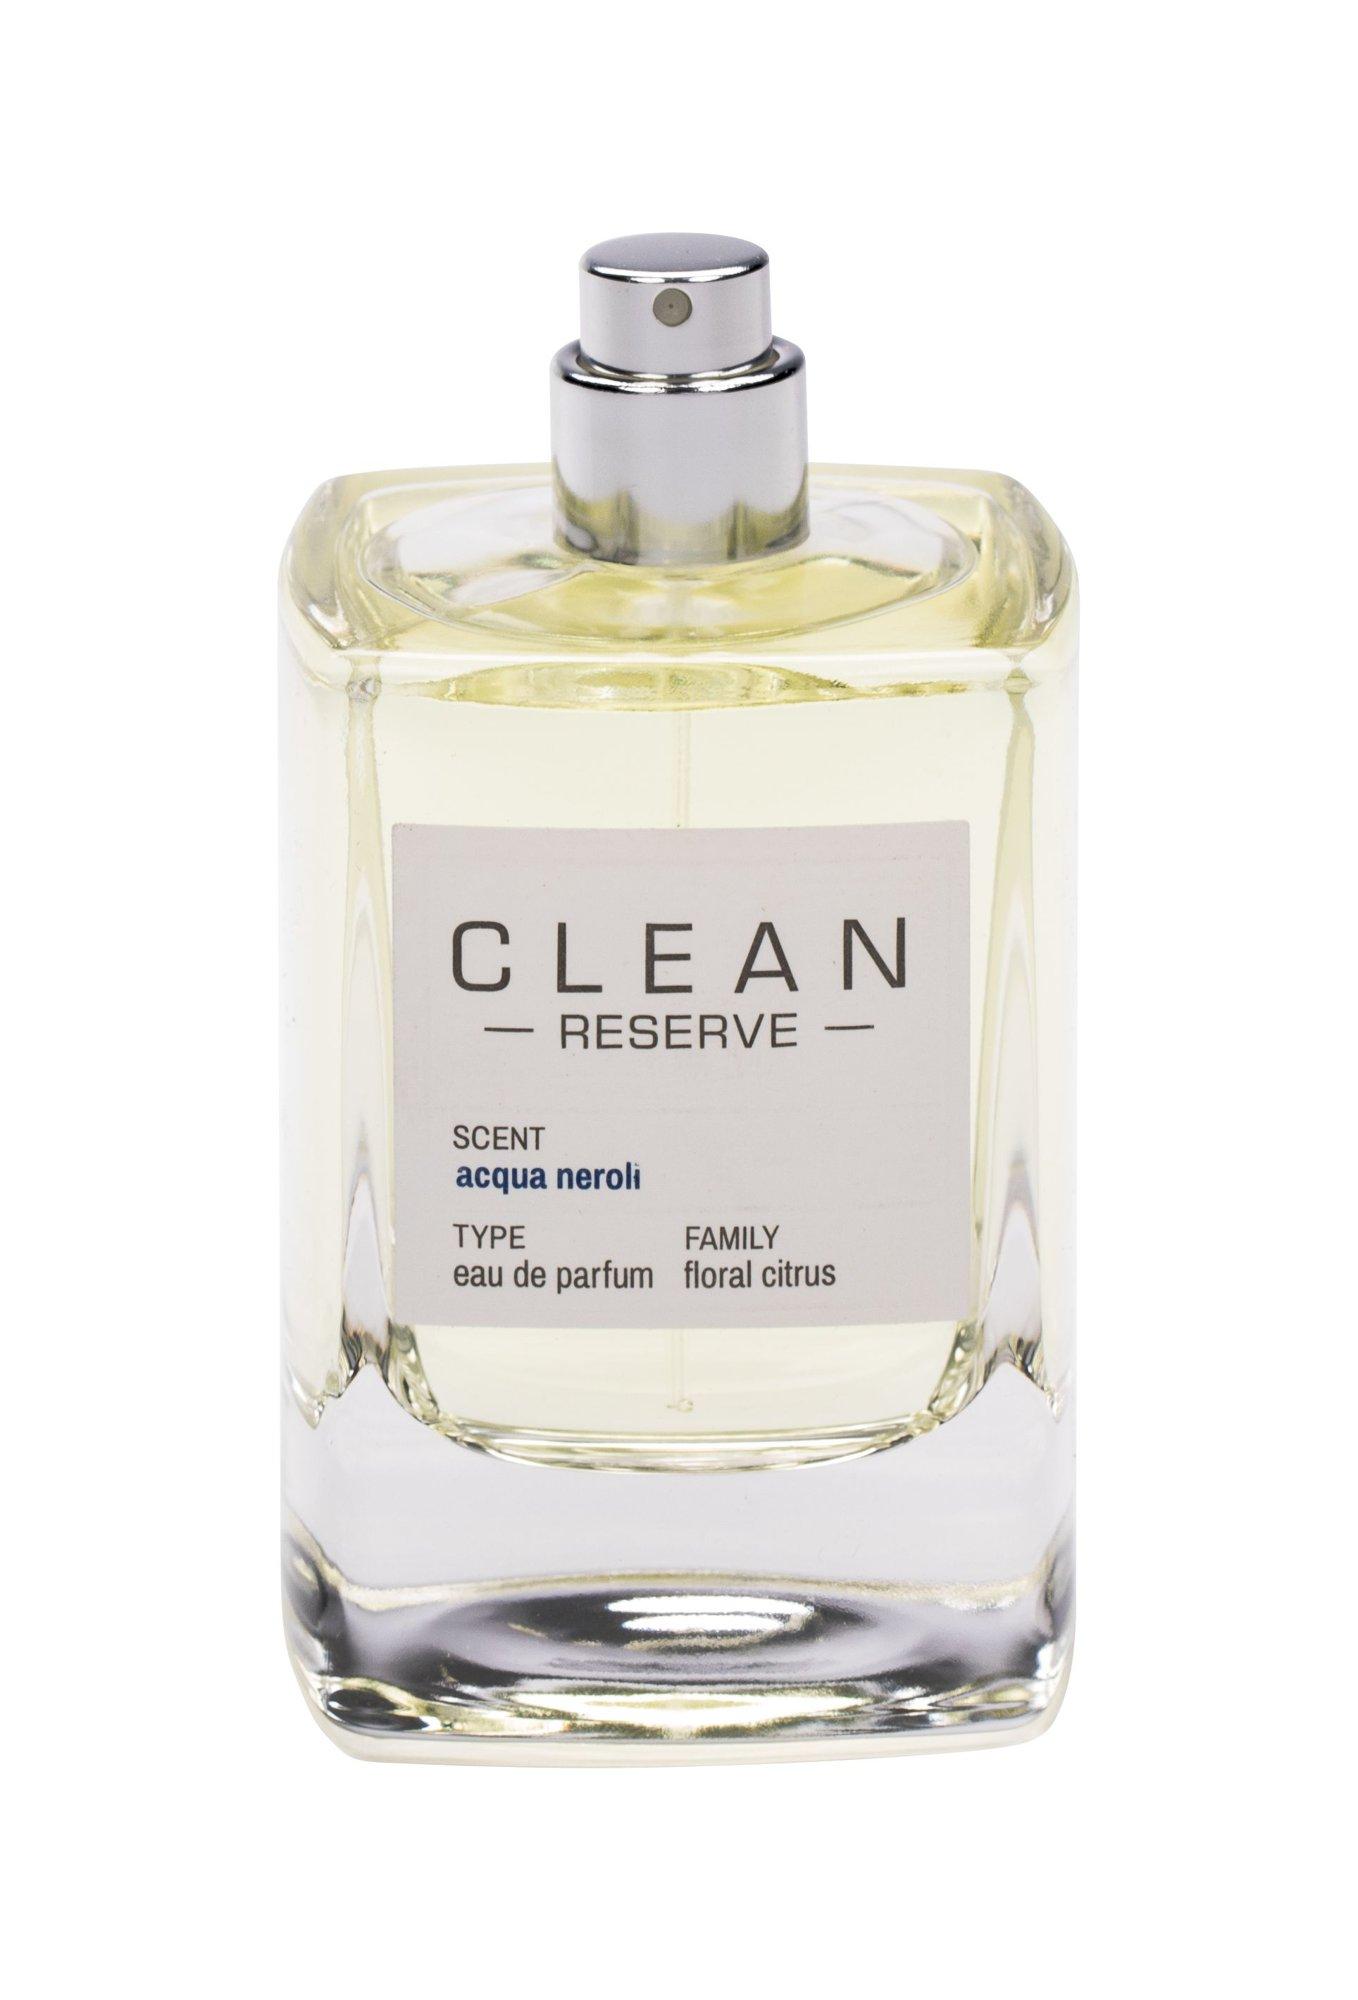 Clean Clean Reserve Collection Eau de Parfum 100ml  Acqua Neroli